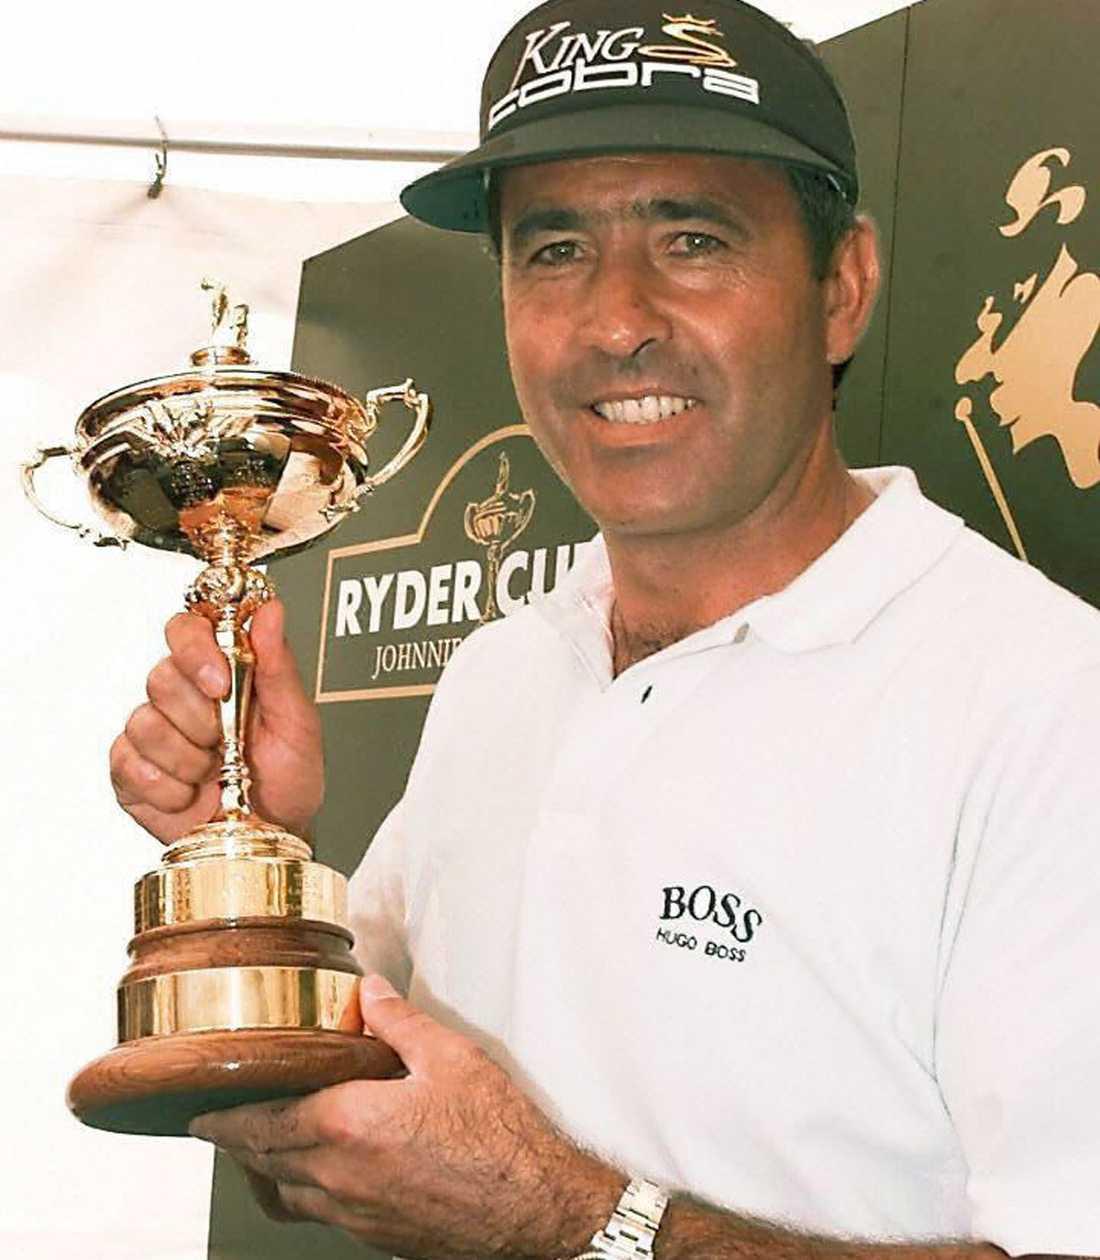 Spanjoren var kapten för det europeiska lag som vann Ryder Cup 1997.